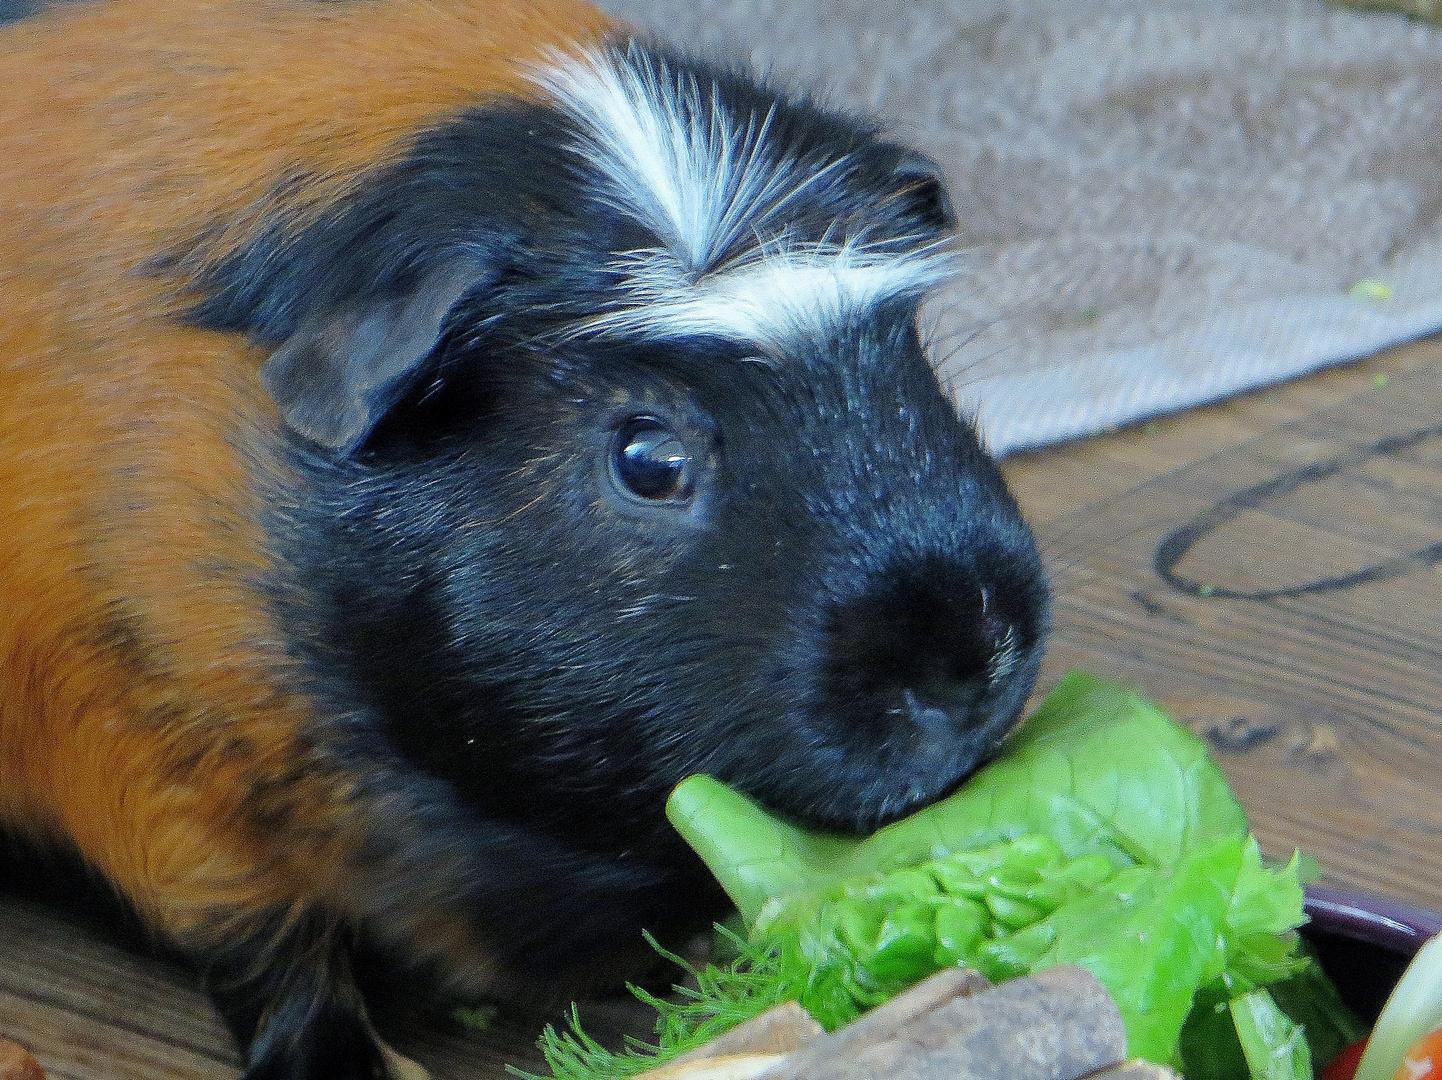 Piccolo hat die Schnauze voll ! :-) Mahlzeit !